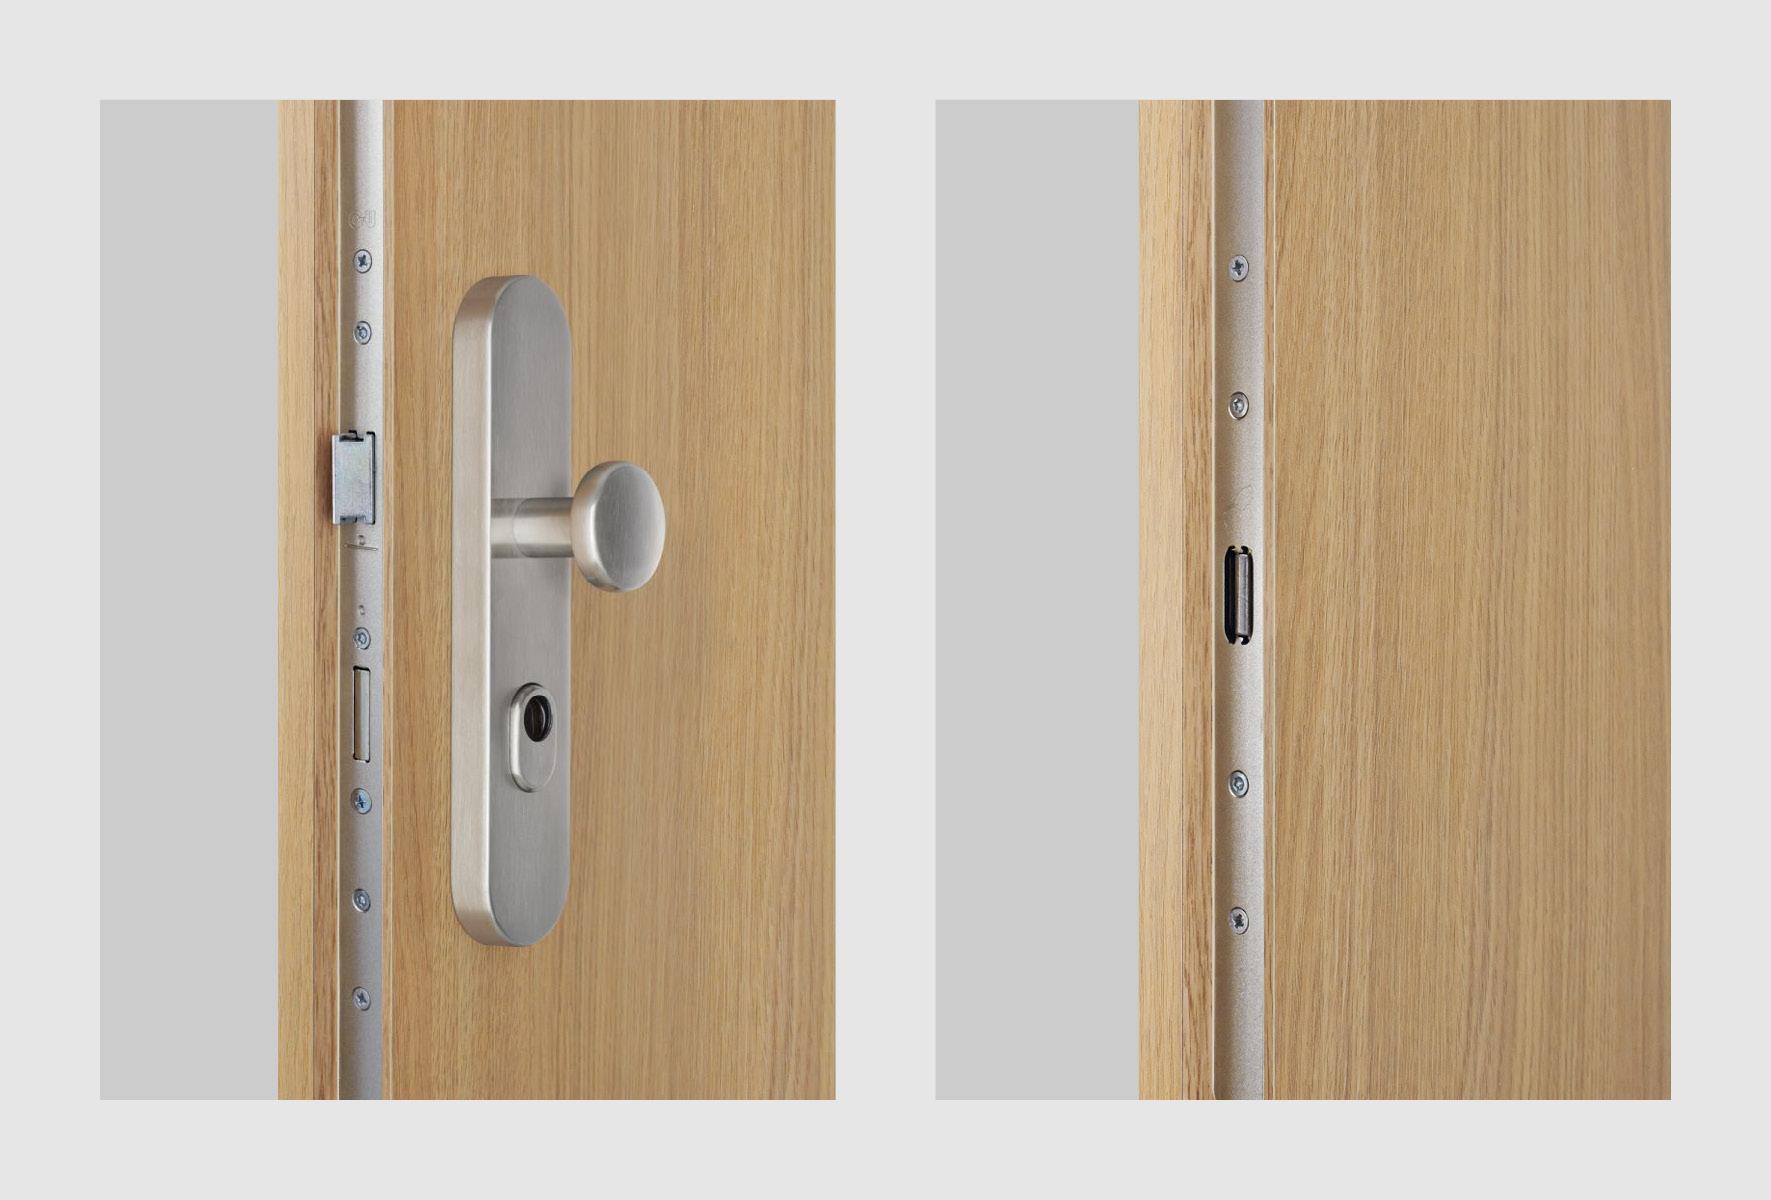 Bevorzugt Wohnungseingangstüren » Sicherheit und starke Dämmung WV35